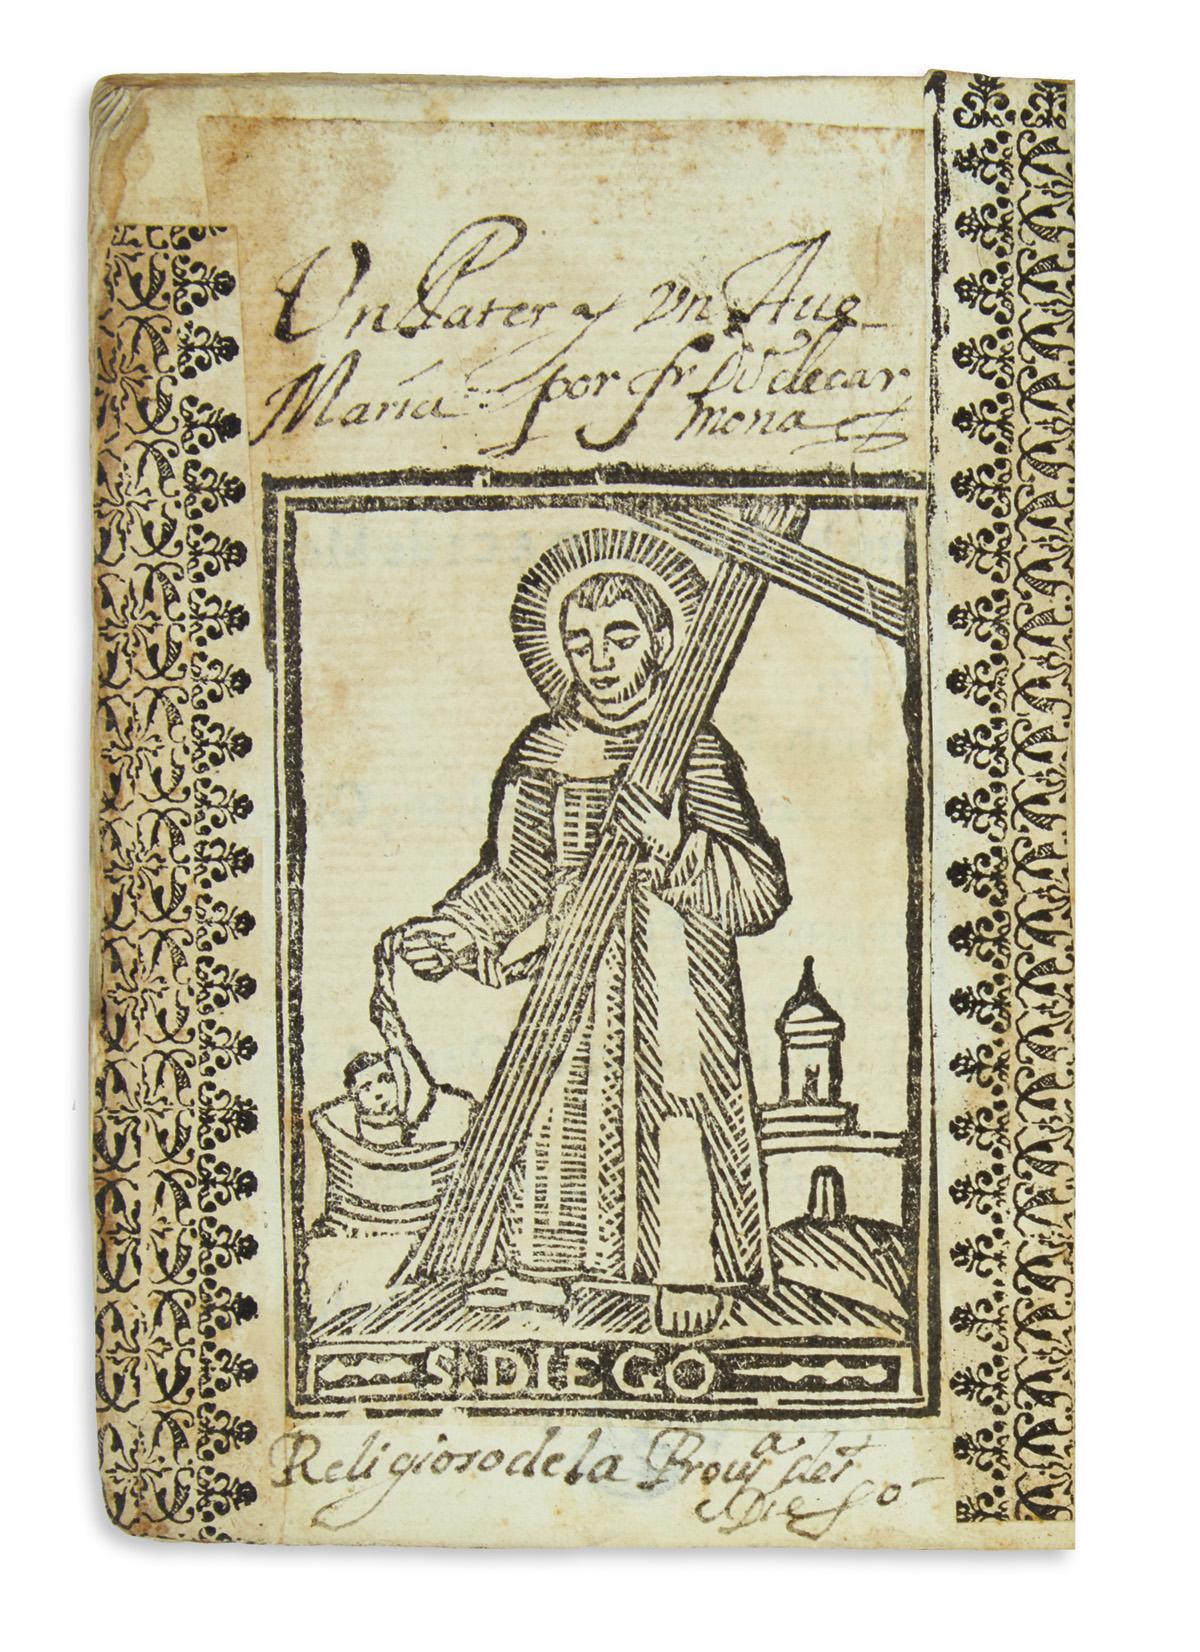 (MEXICAN IMPRINT--1672.) Wadingo, Lucas [Luke Wadding.] Compendio de la vida, y muerte de la bienaventurada Rosa de Viterbo.